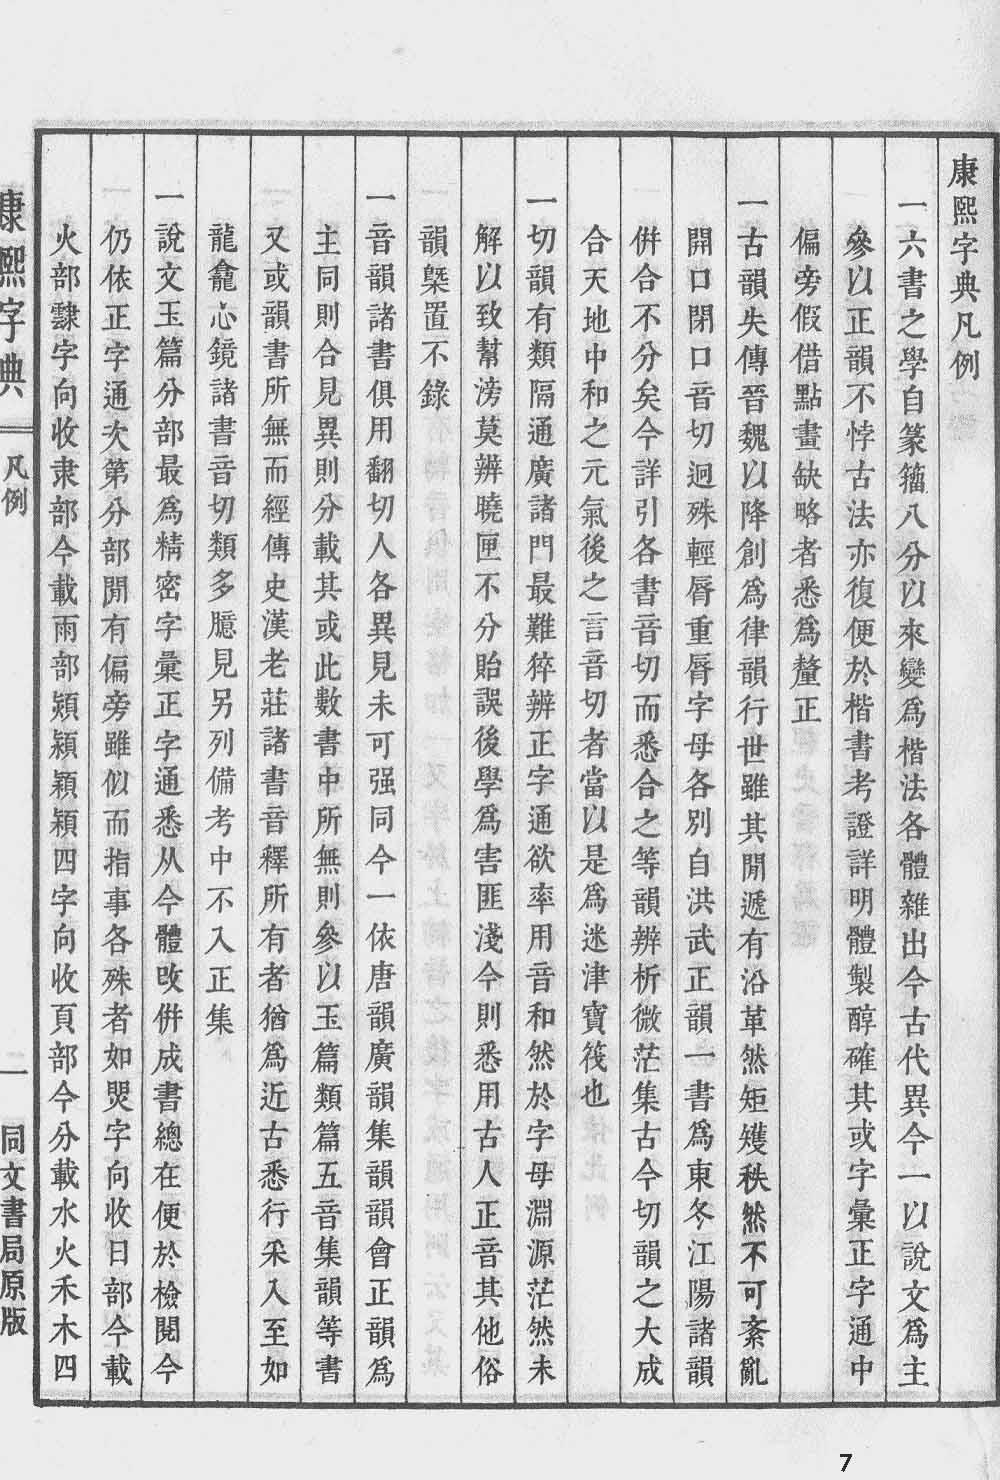 《康熙字典》第7页